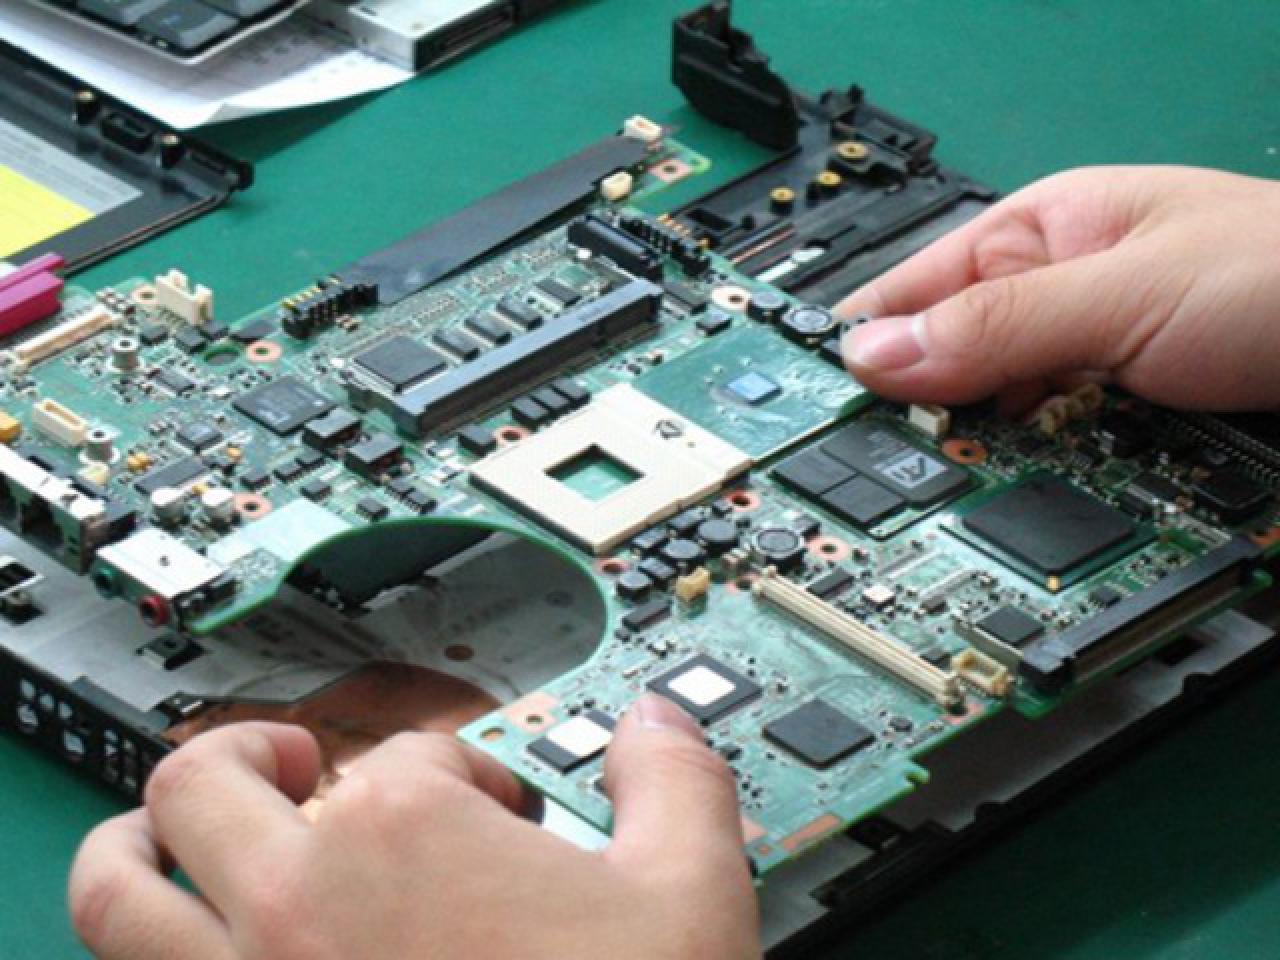 Ремонт компьютеров,ноутбуков,macbook,imac,ребоулинг и замена видео чипов,снятие паролей. - 3